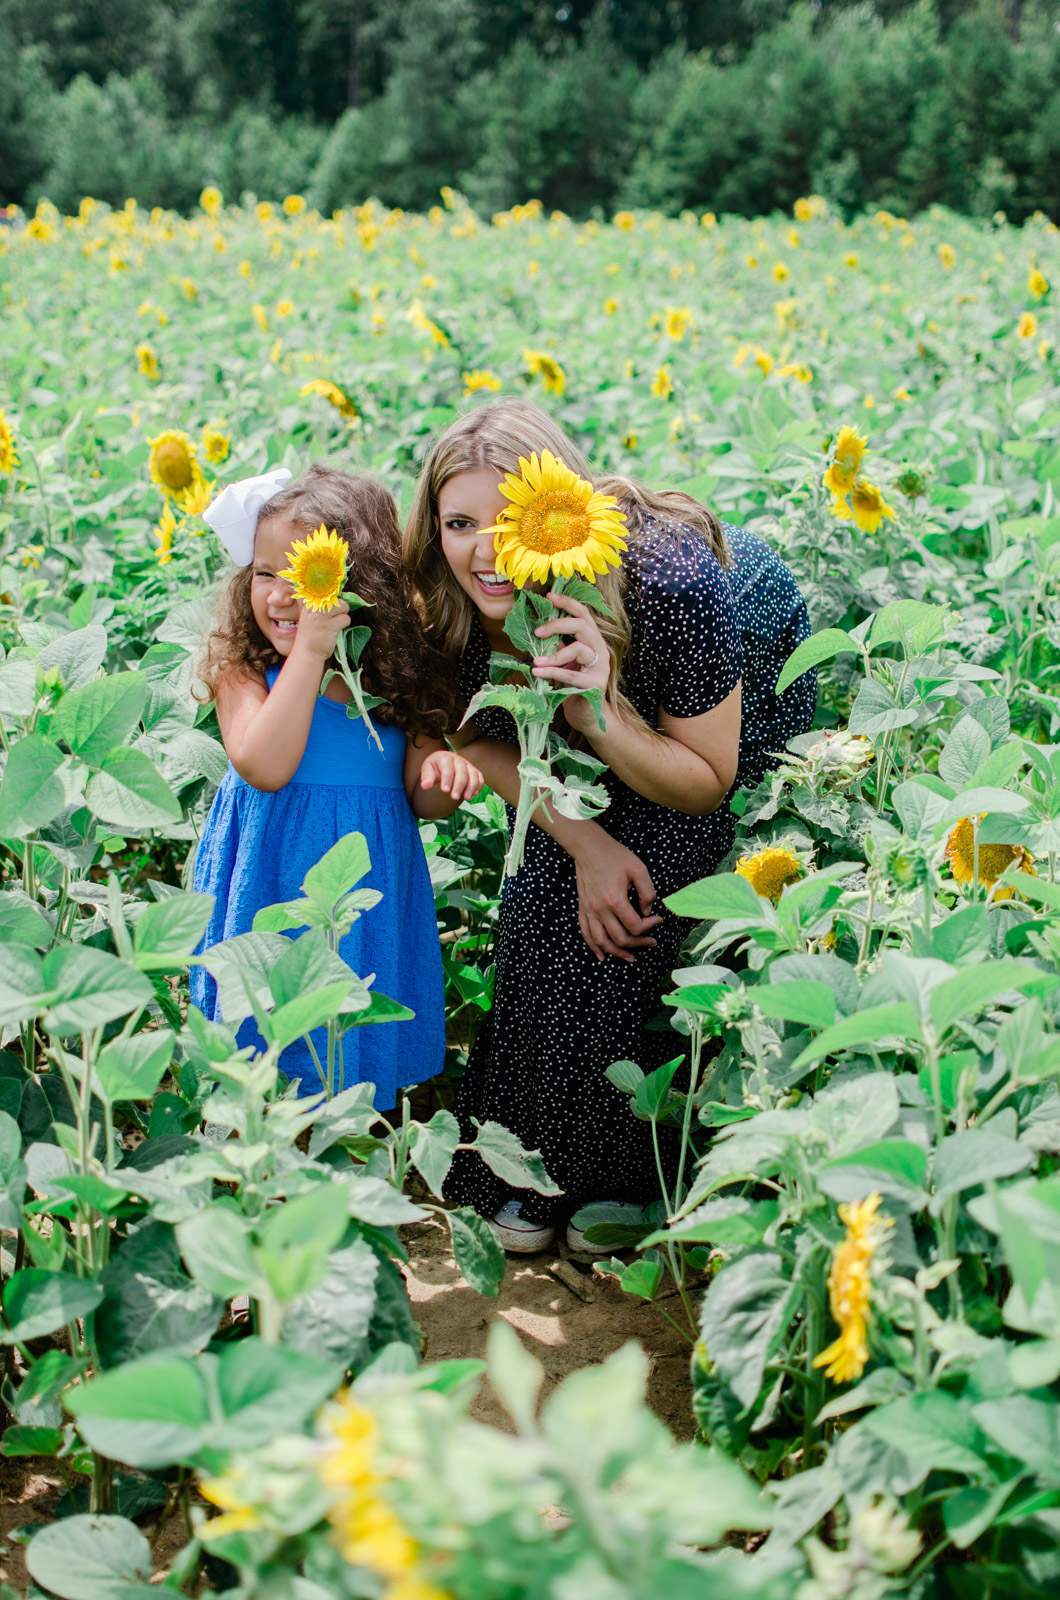 sunflower family maternity session | bylaurenm.com